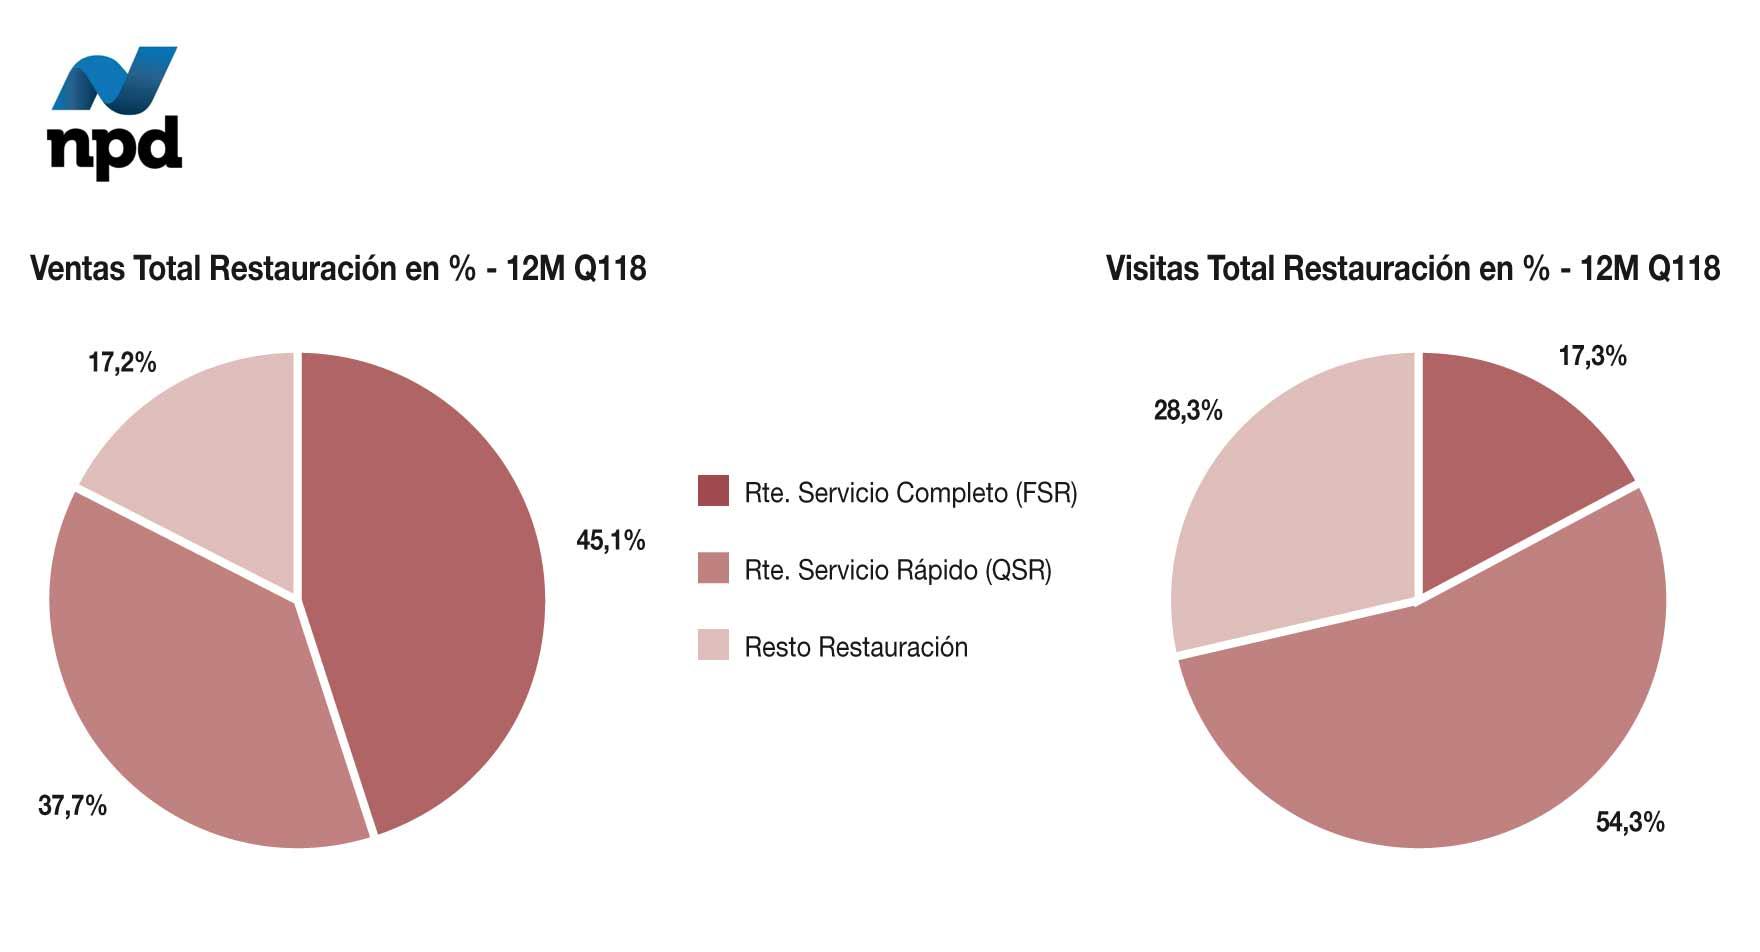 Ventas y visitas total restauración en % -12M Q118